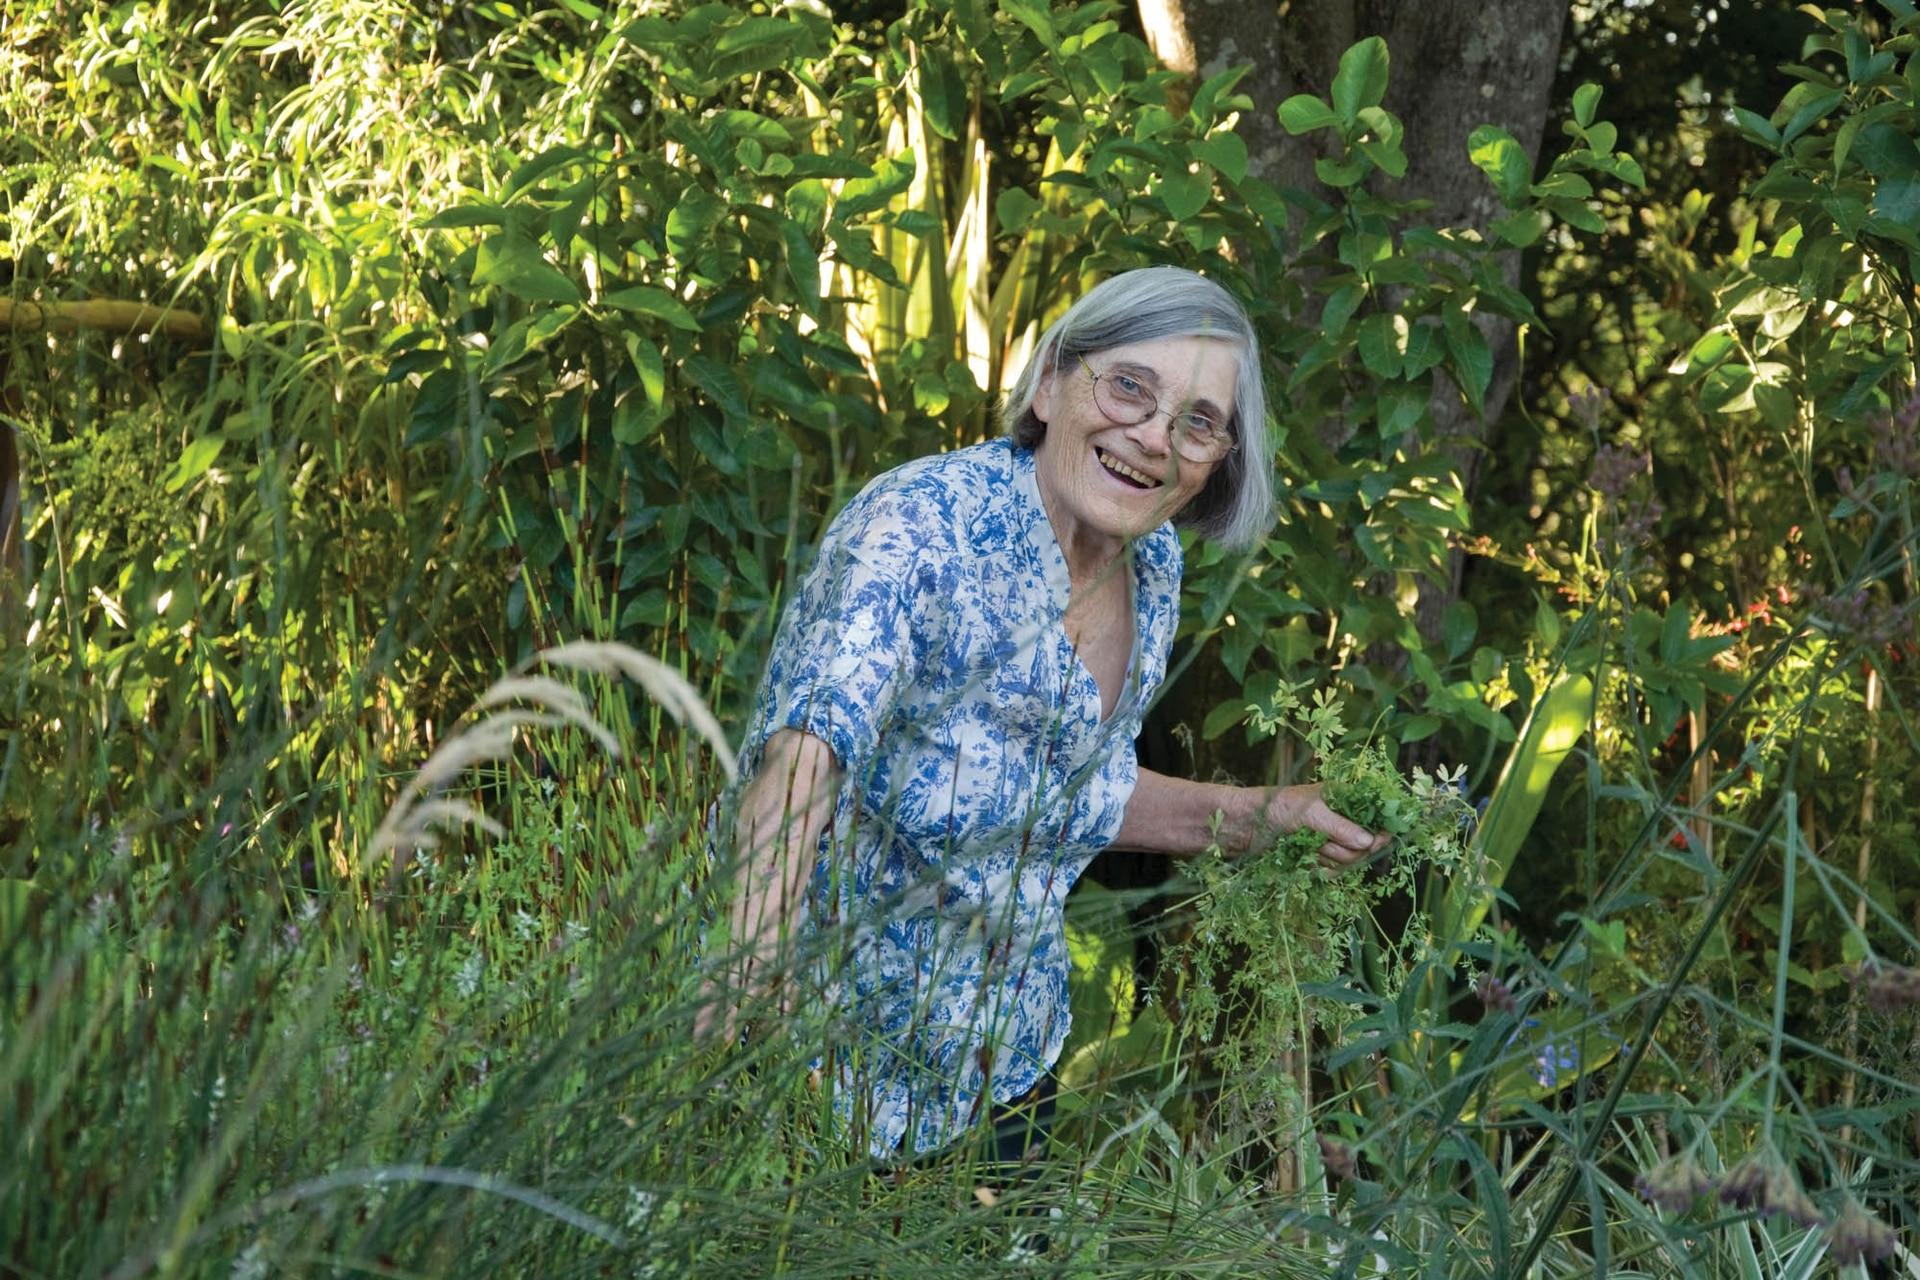 Hoy al frente de un vivero, Chola comenzó a realizar cursos de jardinería cuando sus hijos ya estaban grandes.